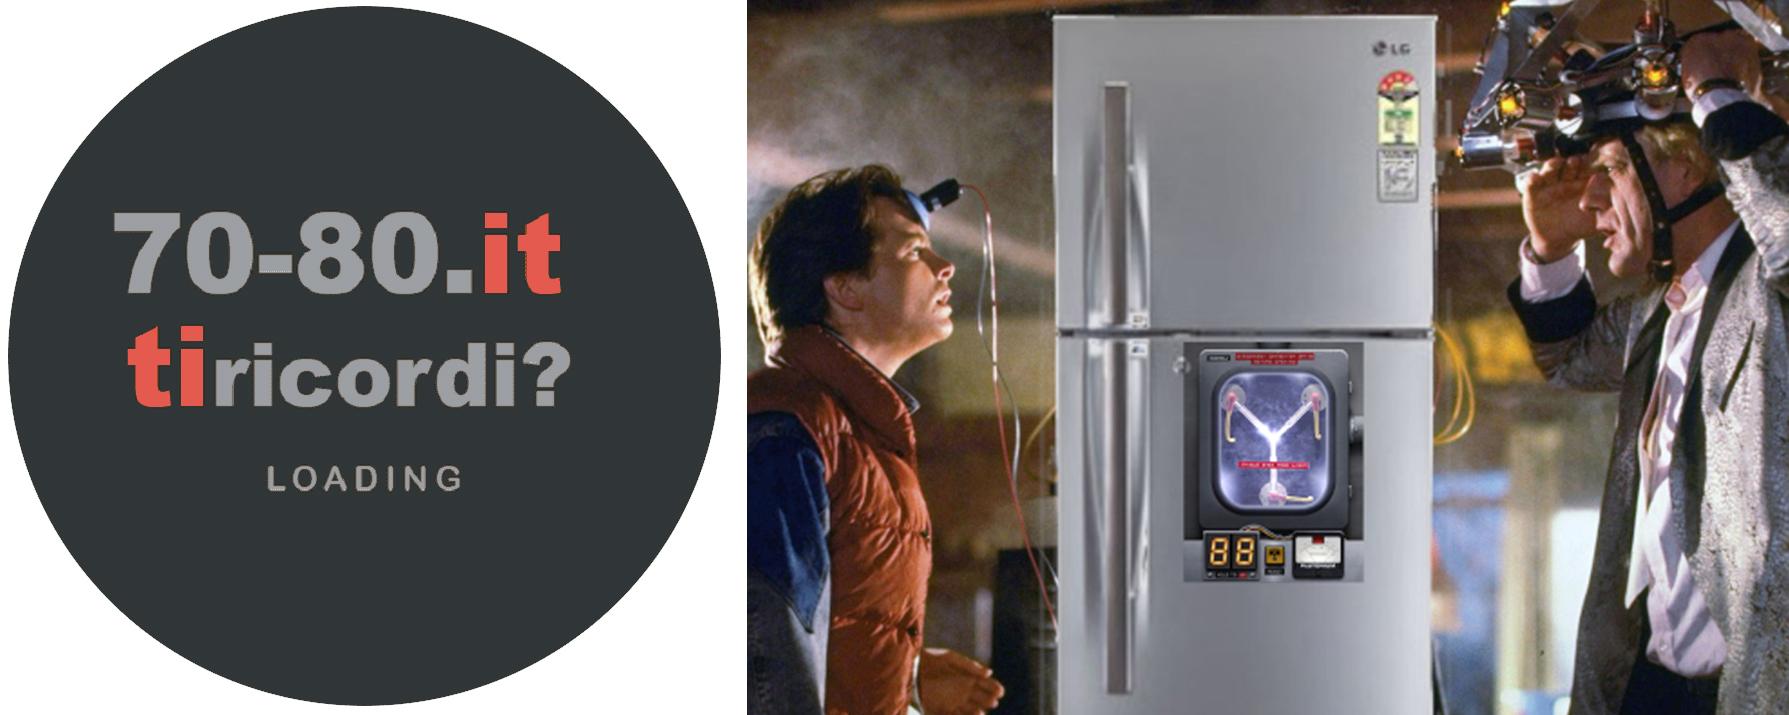 Ritorno al Futuro frigorifero